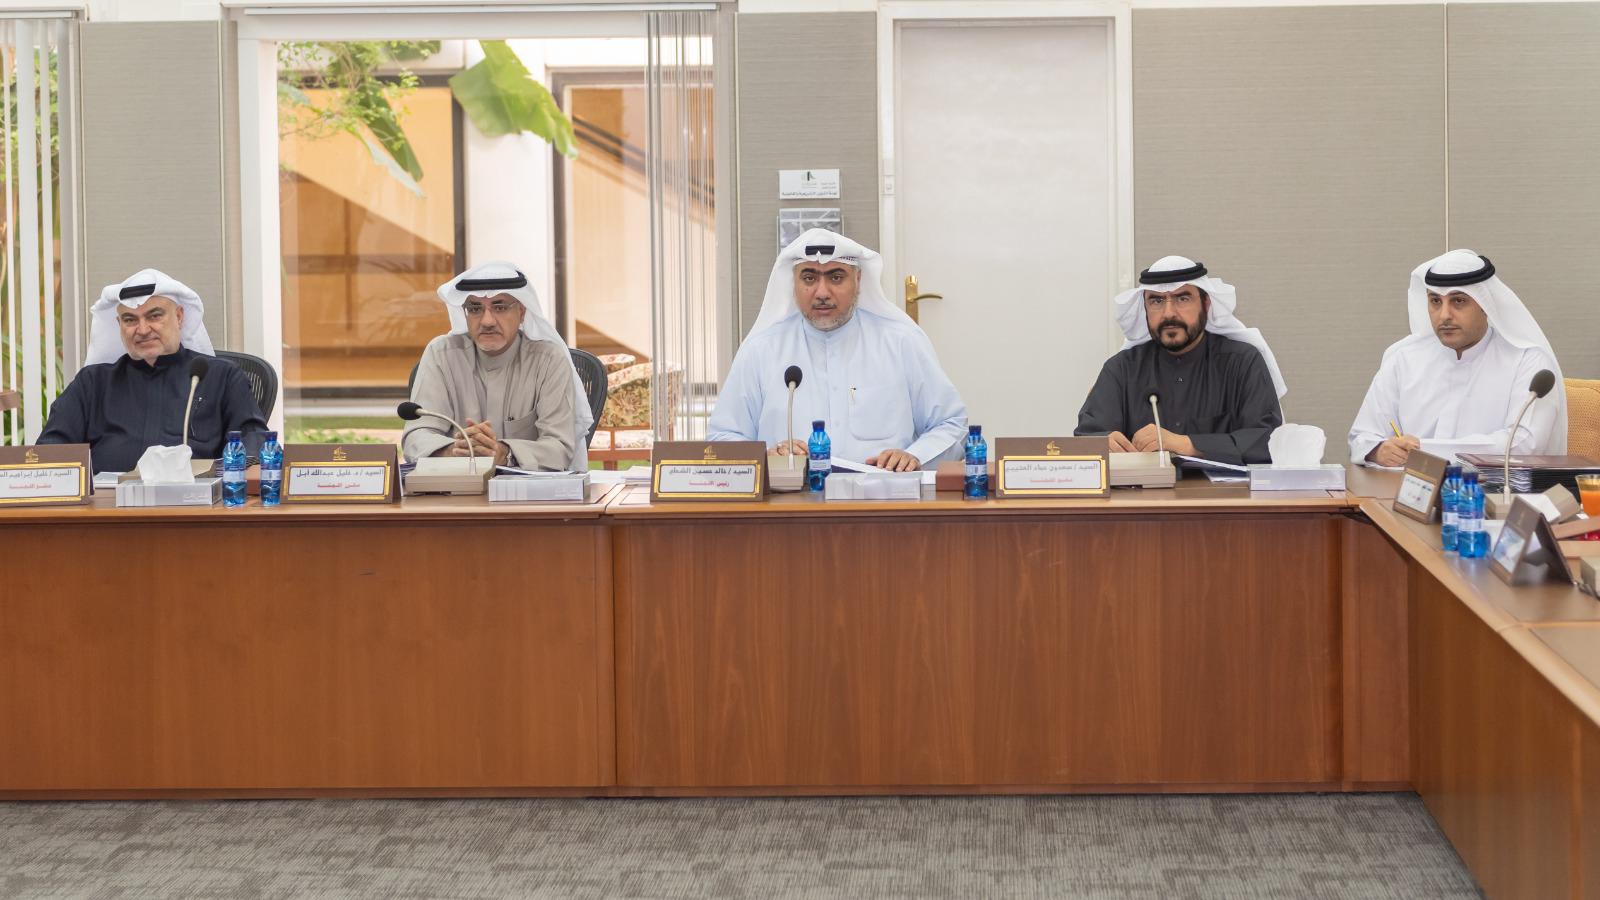 اللجنة التشريعية البرلمانية - التشريعية البرلمانية توافق على قانون لتنظيم مجلس إدارة مؤسسة البترول